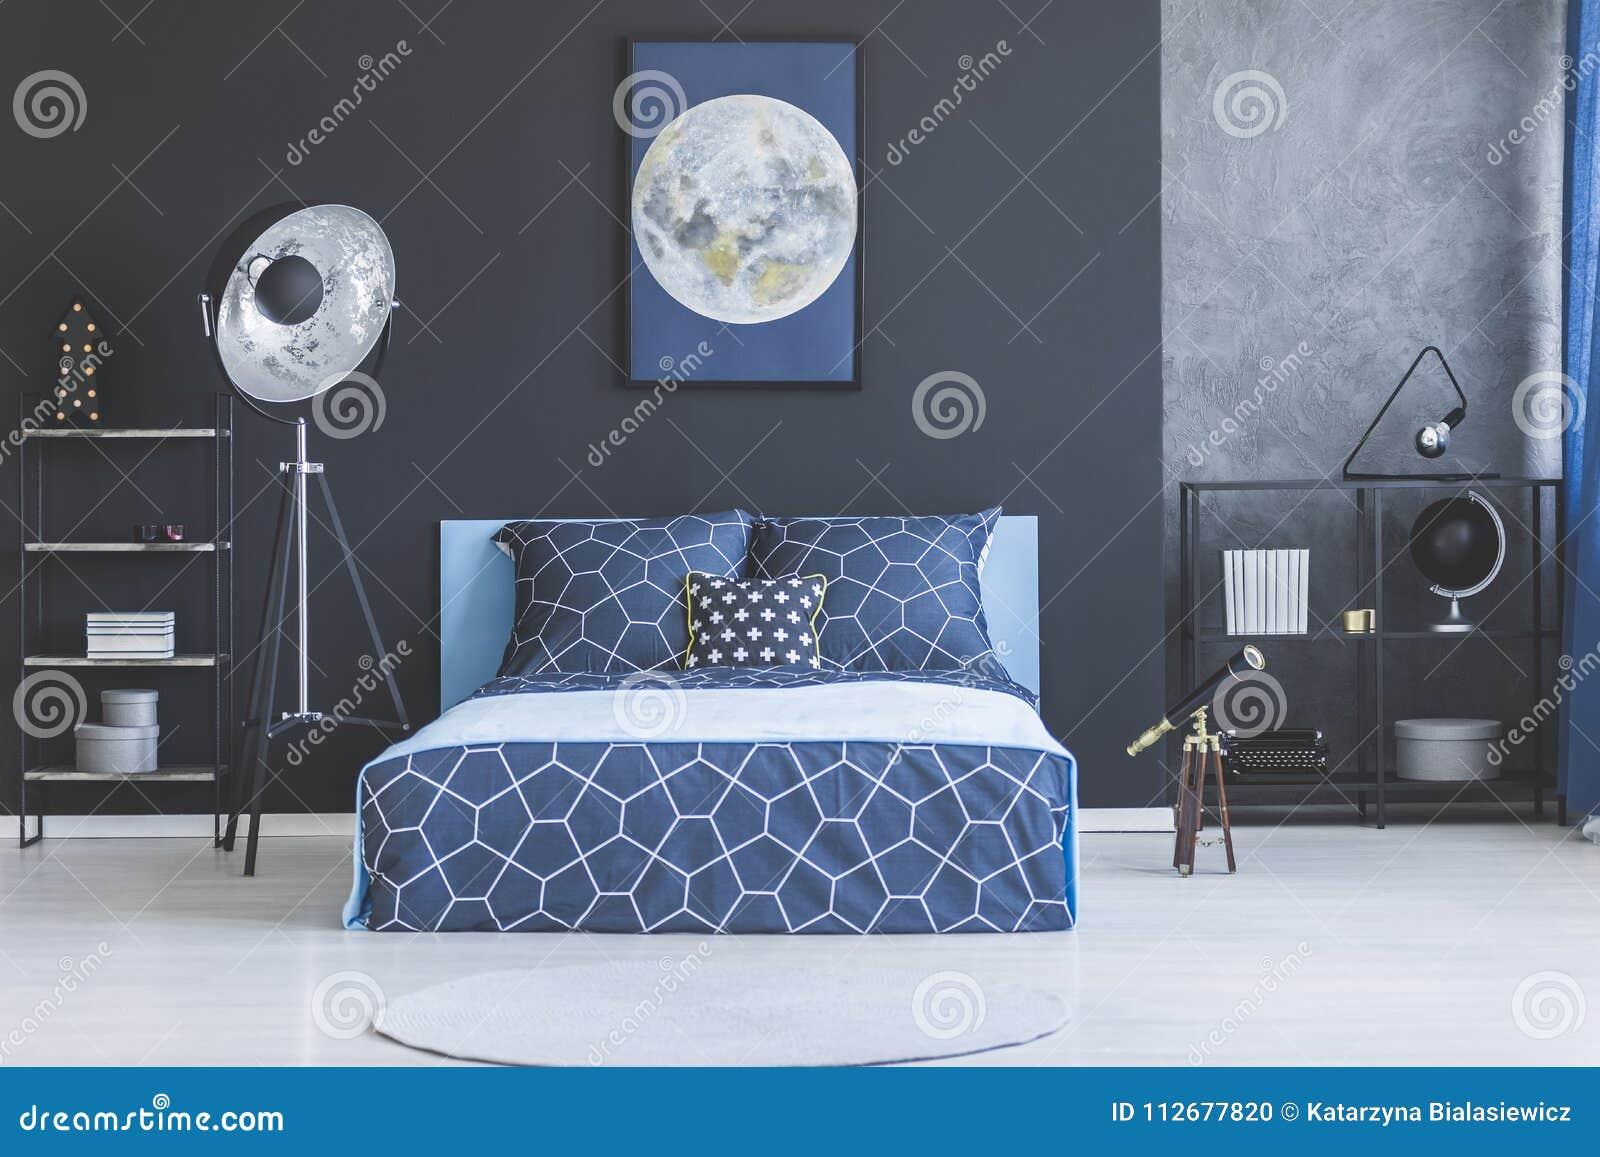 Camere Da Letto Blu : Camera da letto blu notte alla parete bei piatti in ceramica